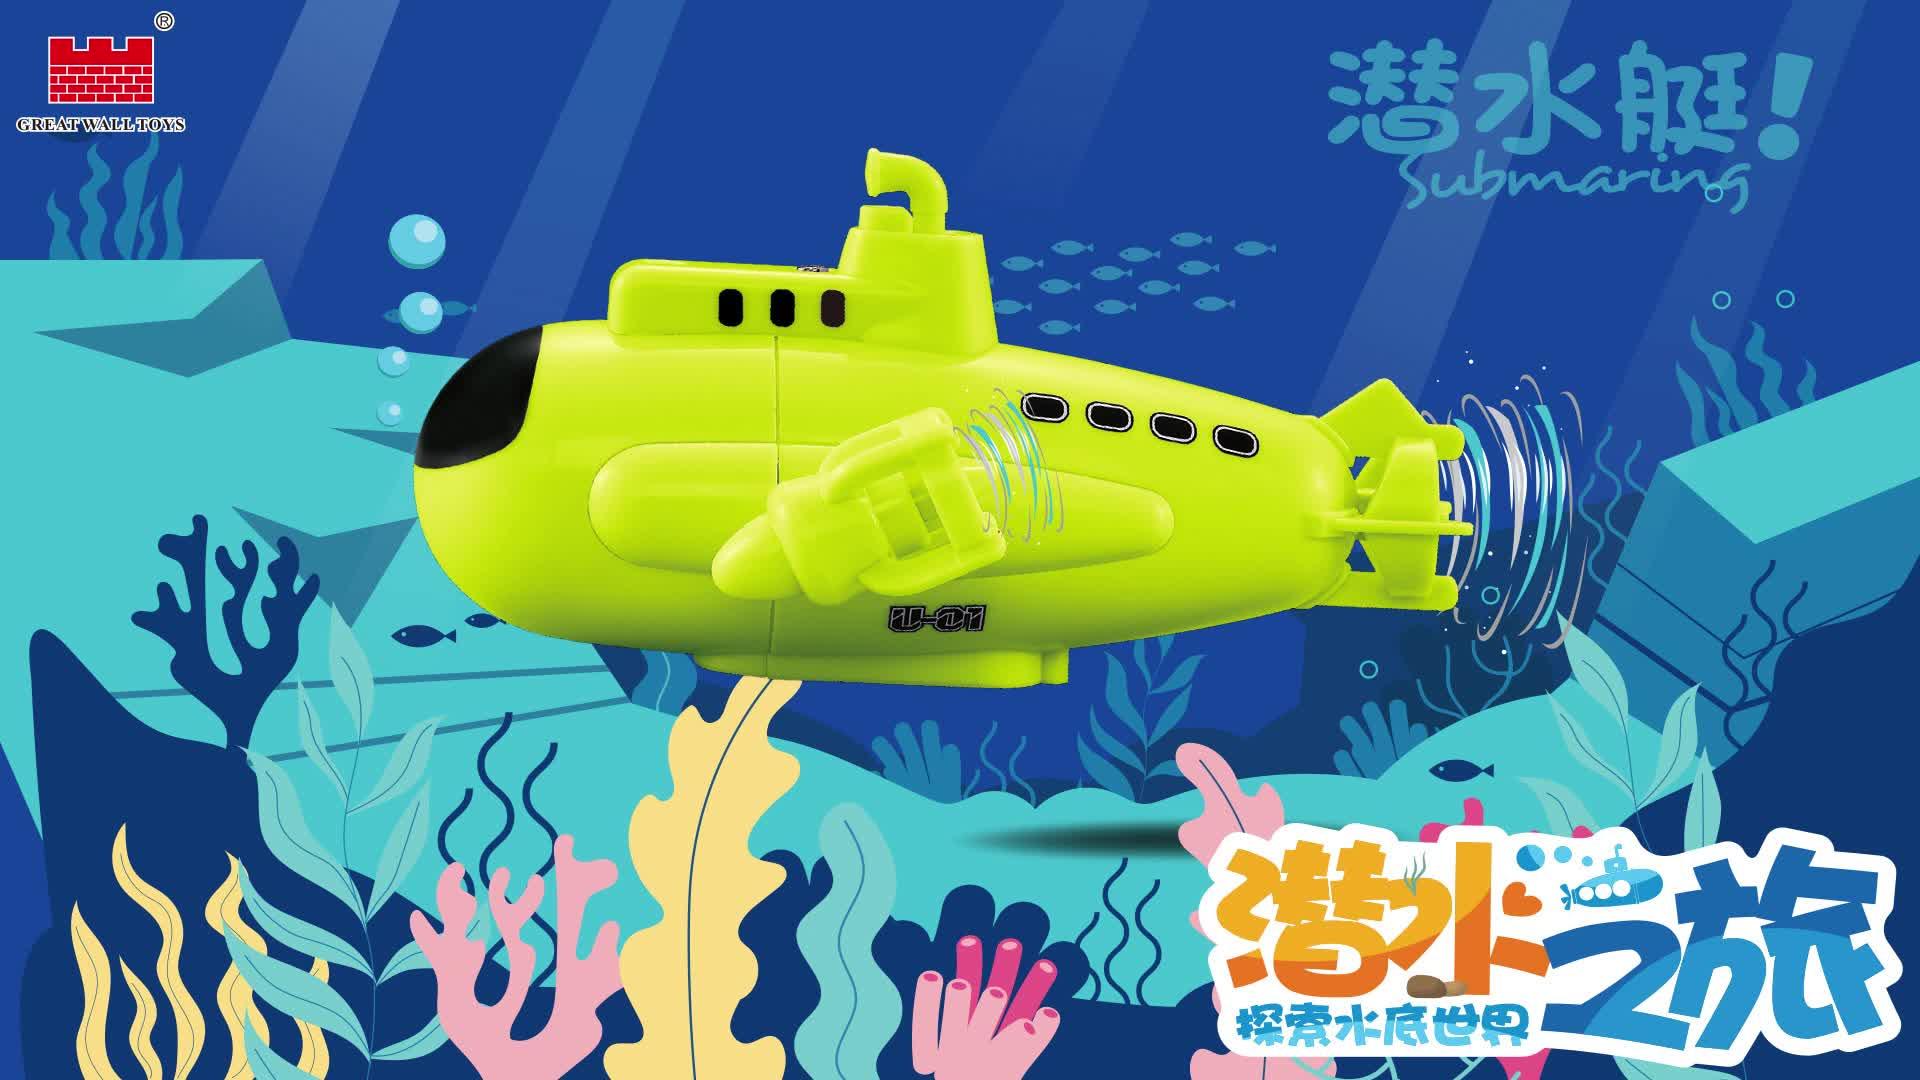 พลาสติกสี่สีการ์ตูนของเล่น mini รุ่นเรือ rc submarine สำหรับเด็ก